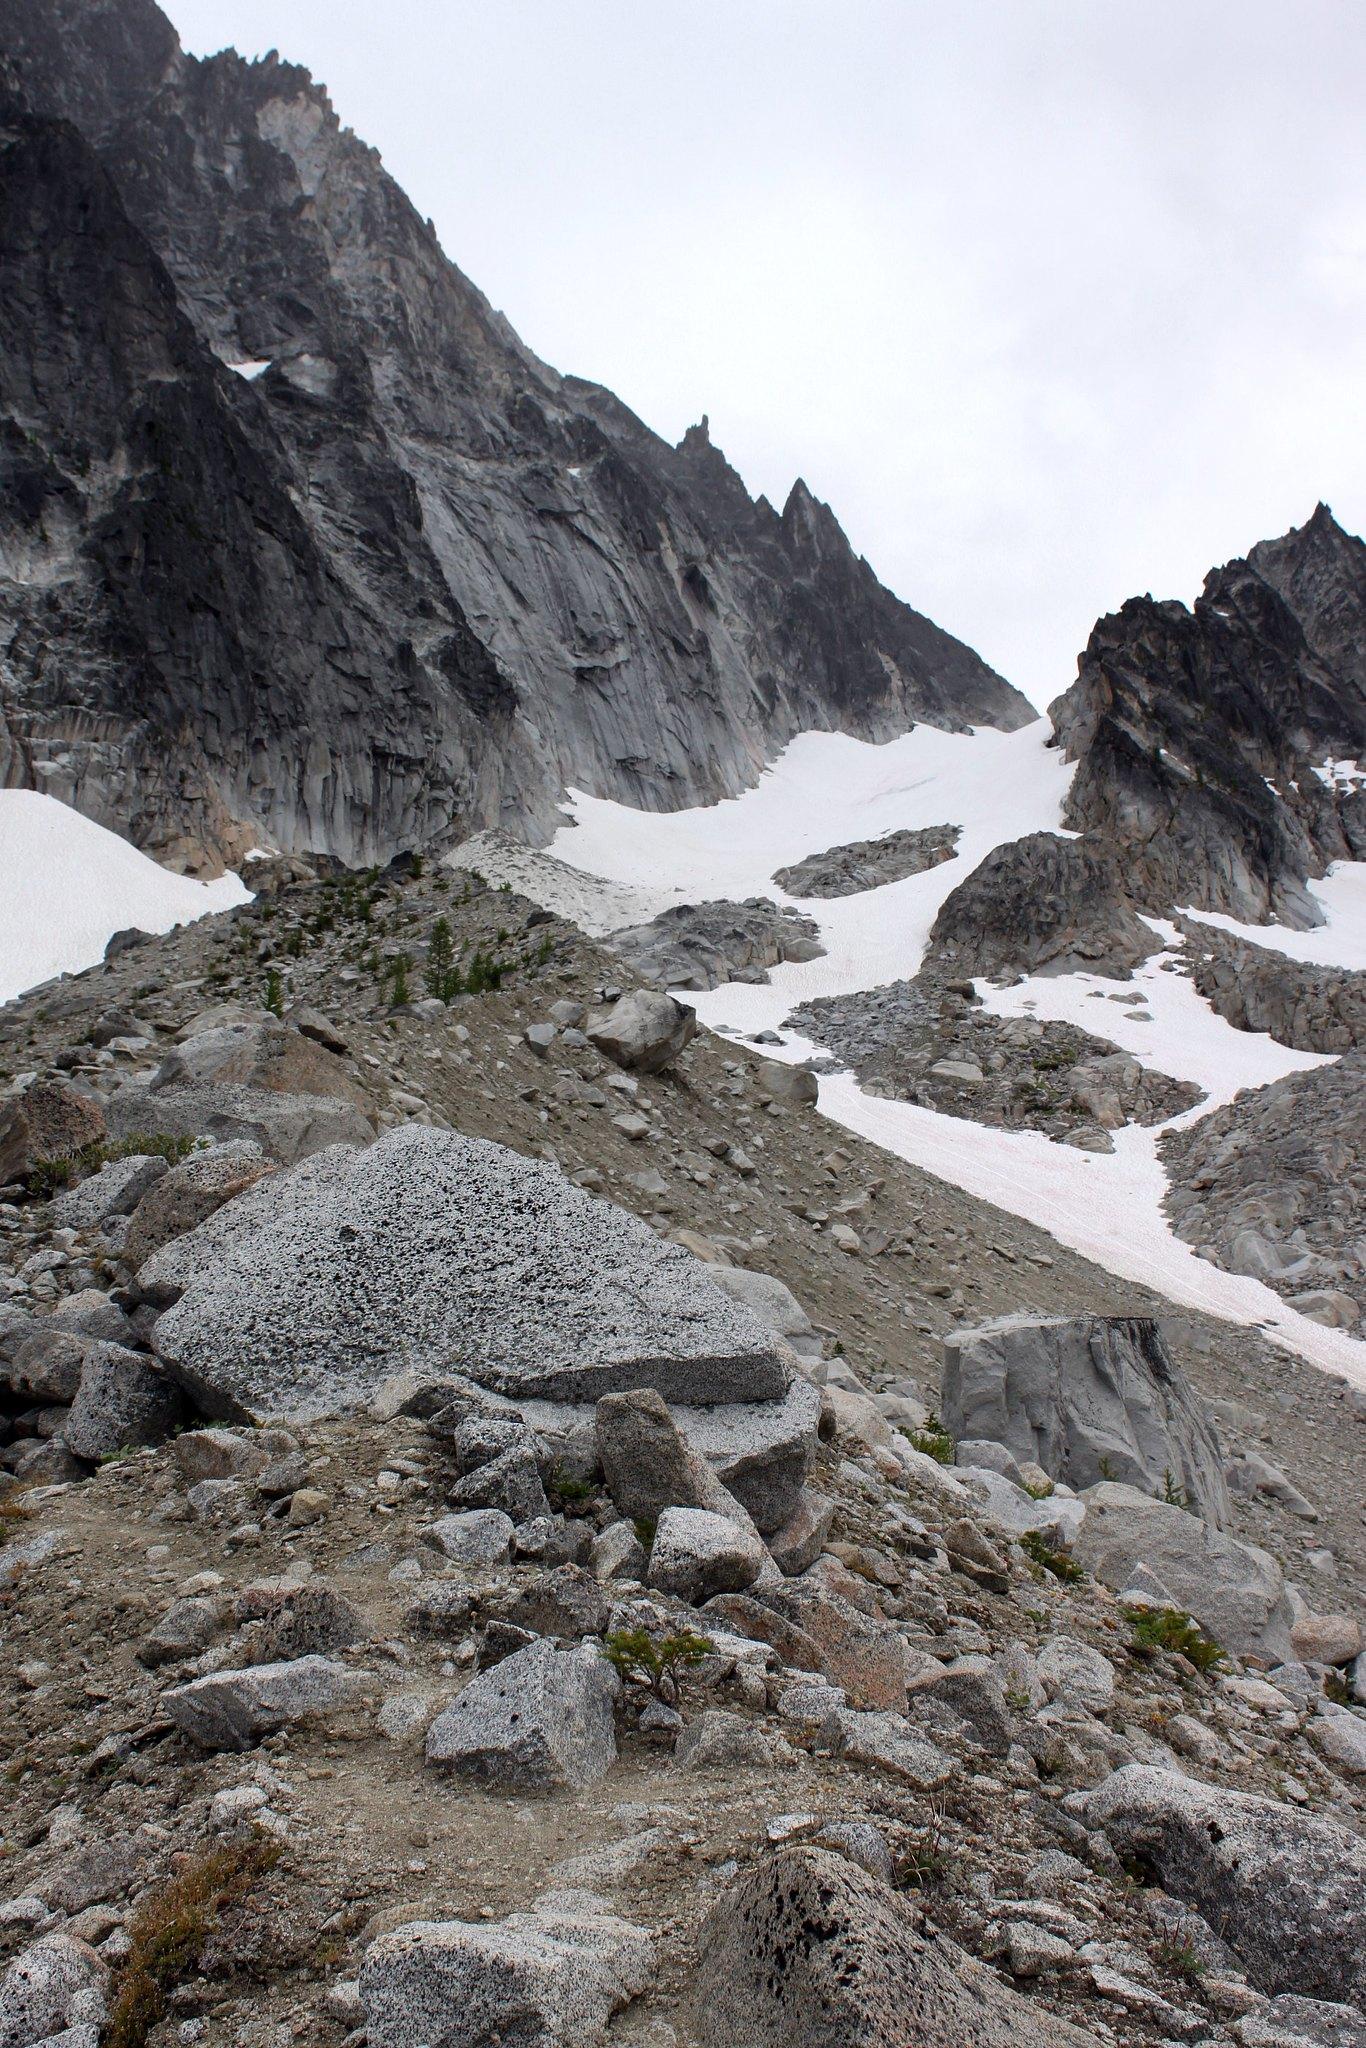 Colchuck Glacier ahead